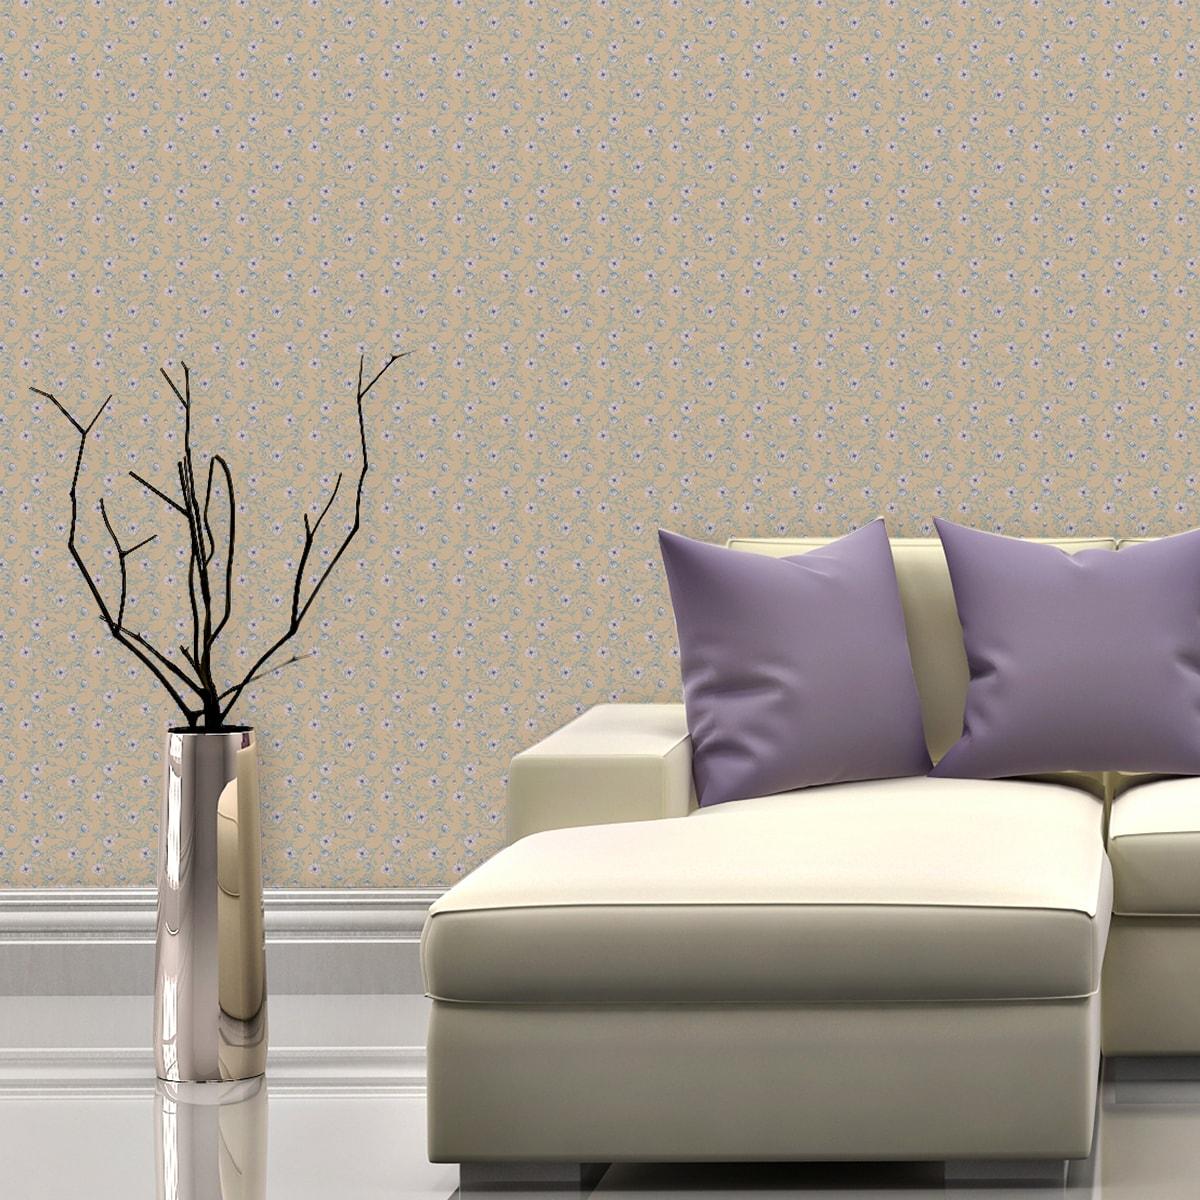 Schlafzimmer tapezieren in creme: Zarte Blumentapete Printemps mit Ranken in mint blau - Nostalgietapete für Schlafzimmer